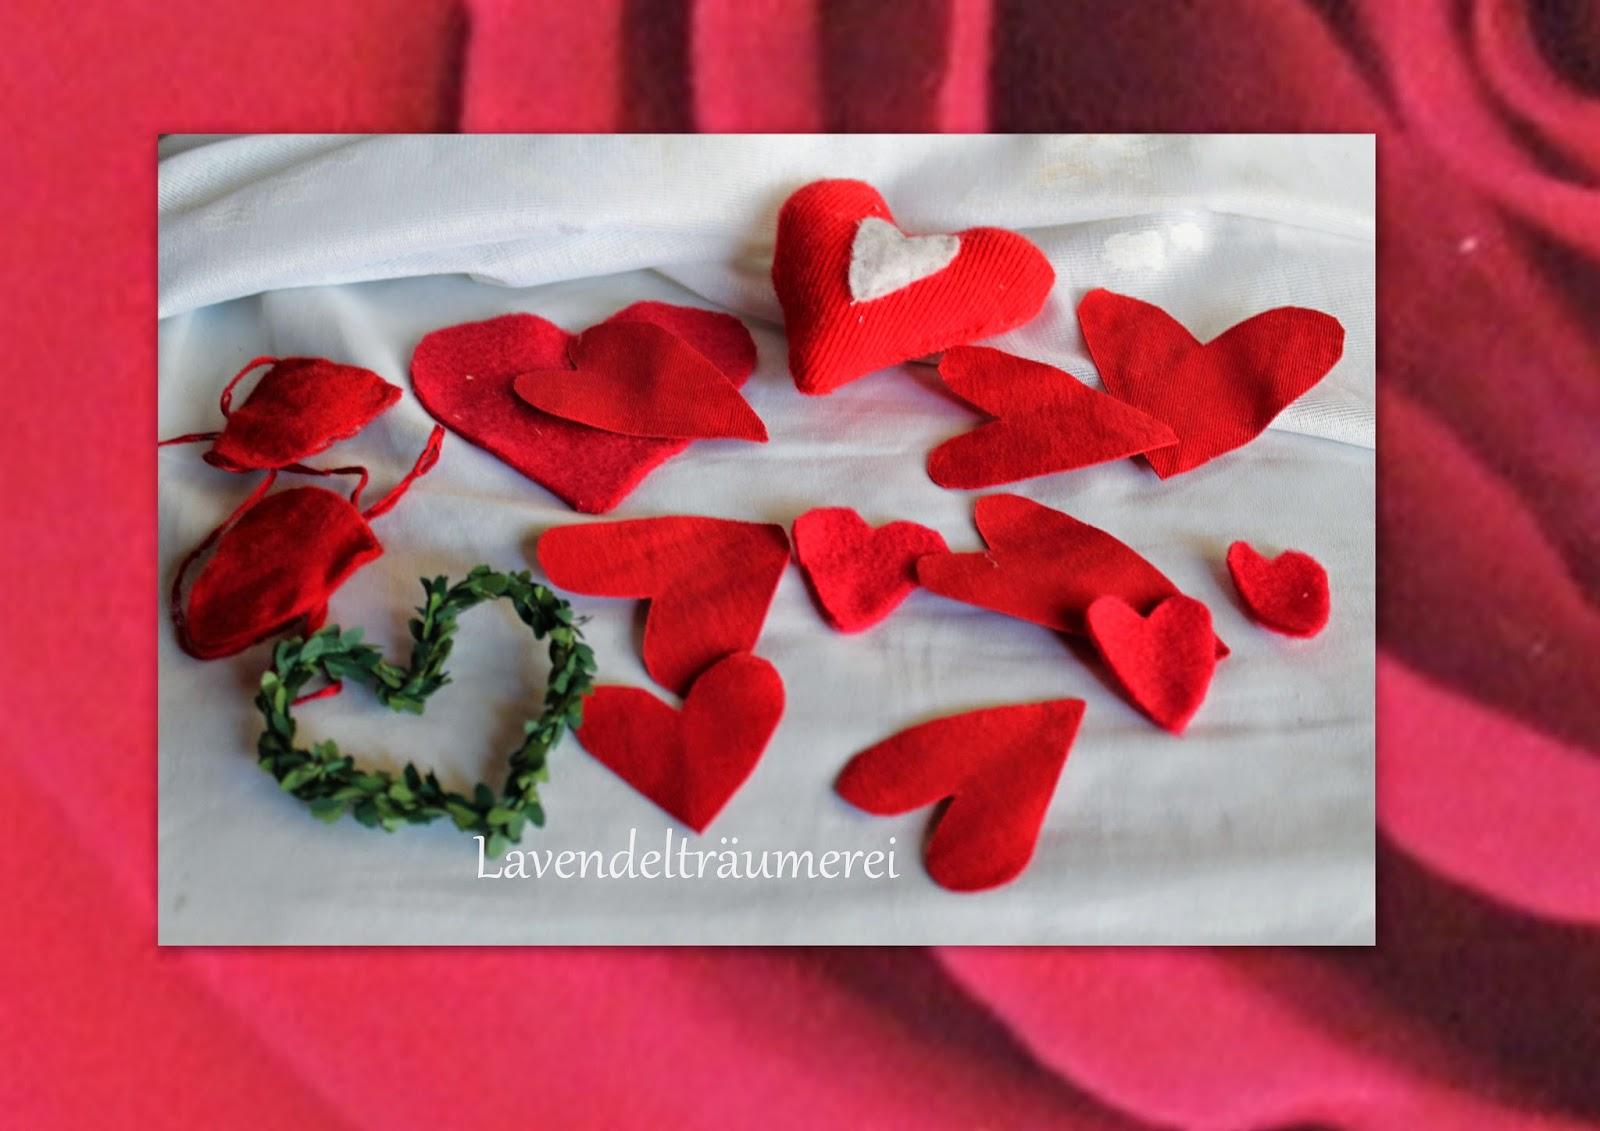 Rote Herzen Ein Symbol Der Liebe.